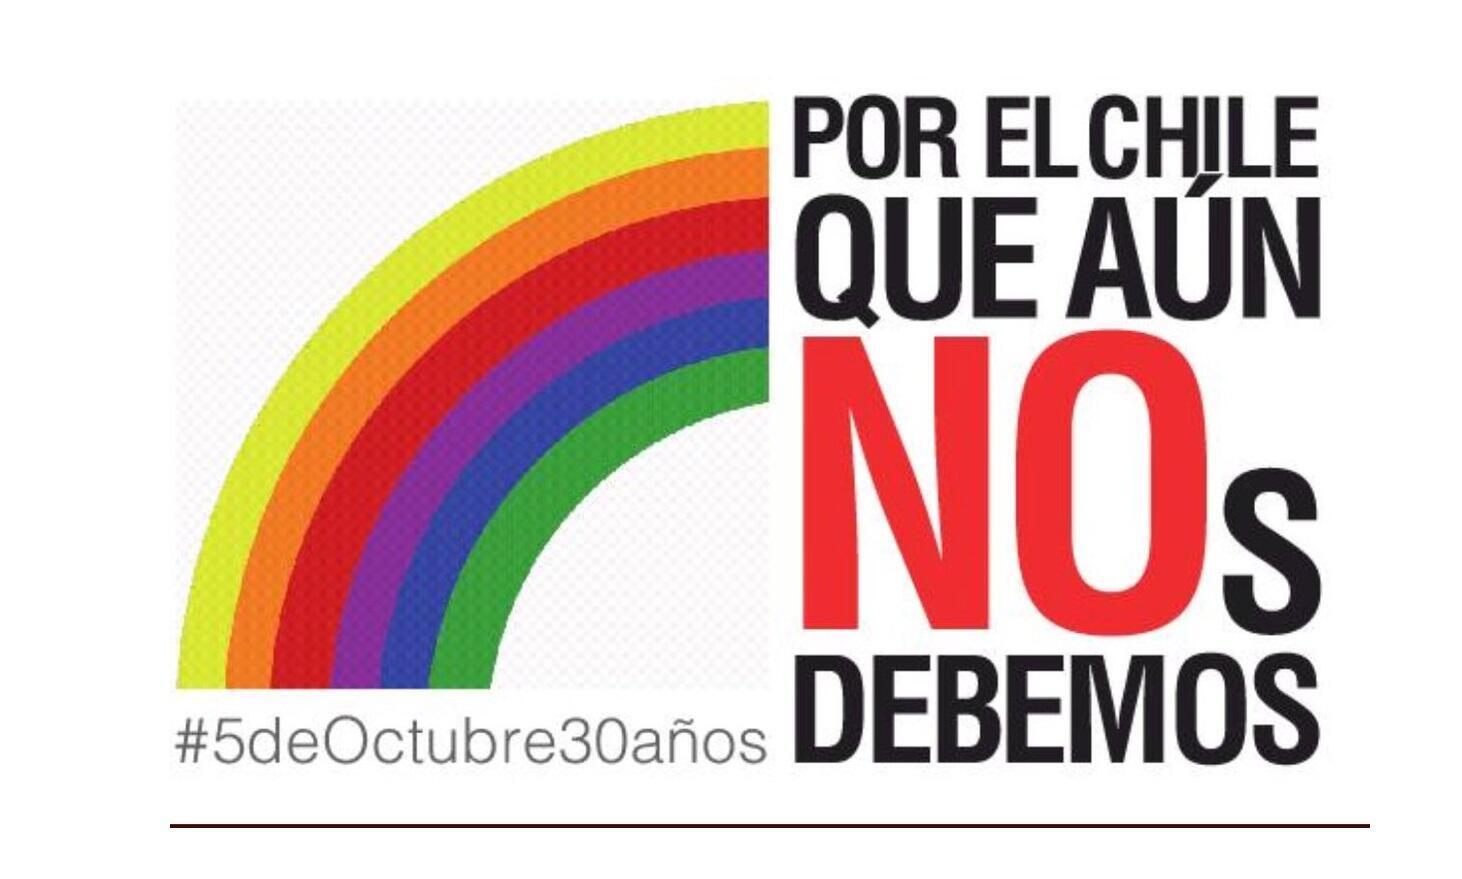 Lema para conmemorar los 30 años de la victoria del NO.